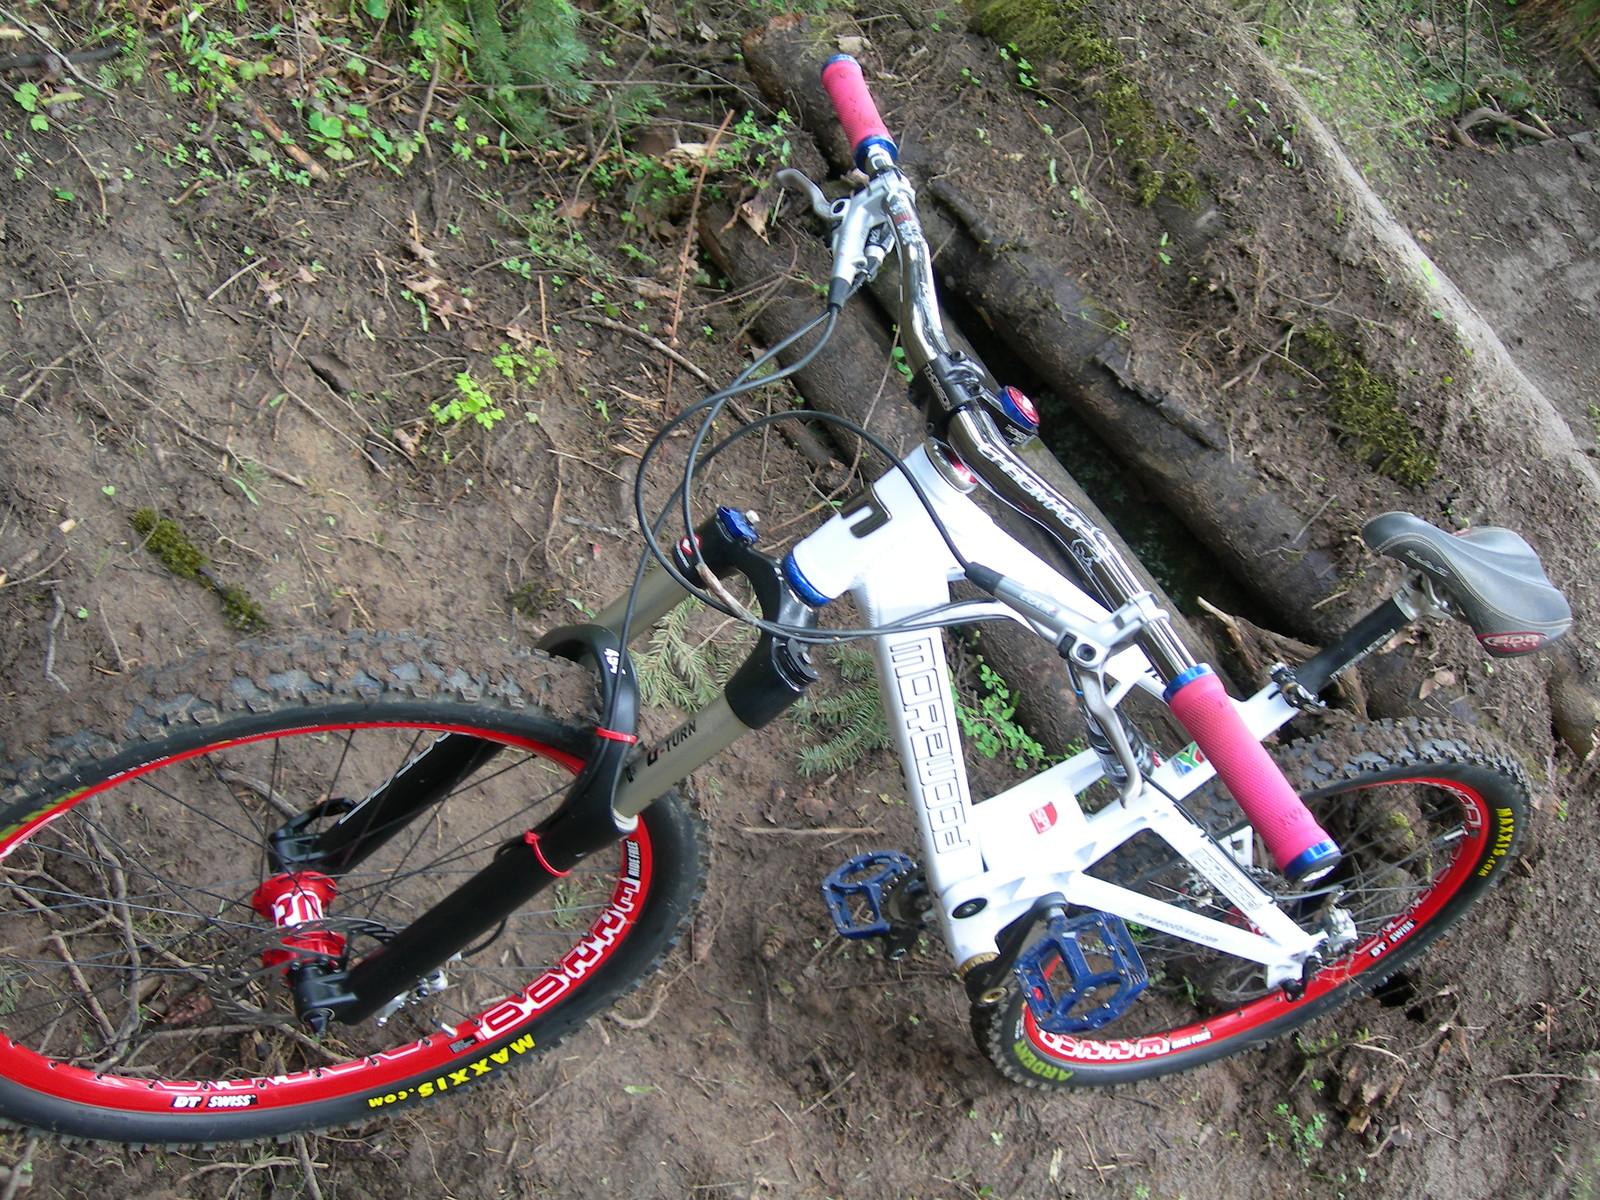 Fun Bike!